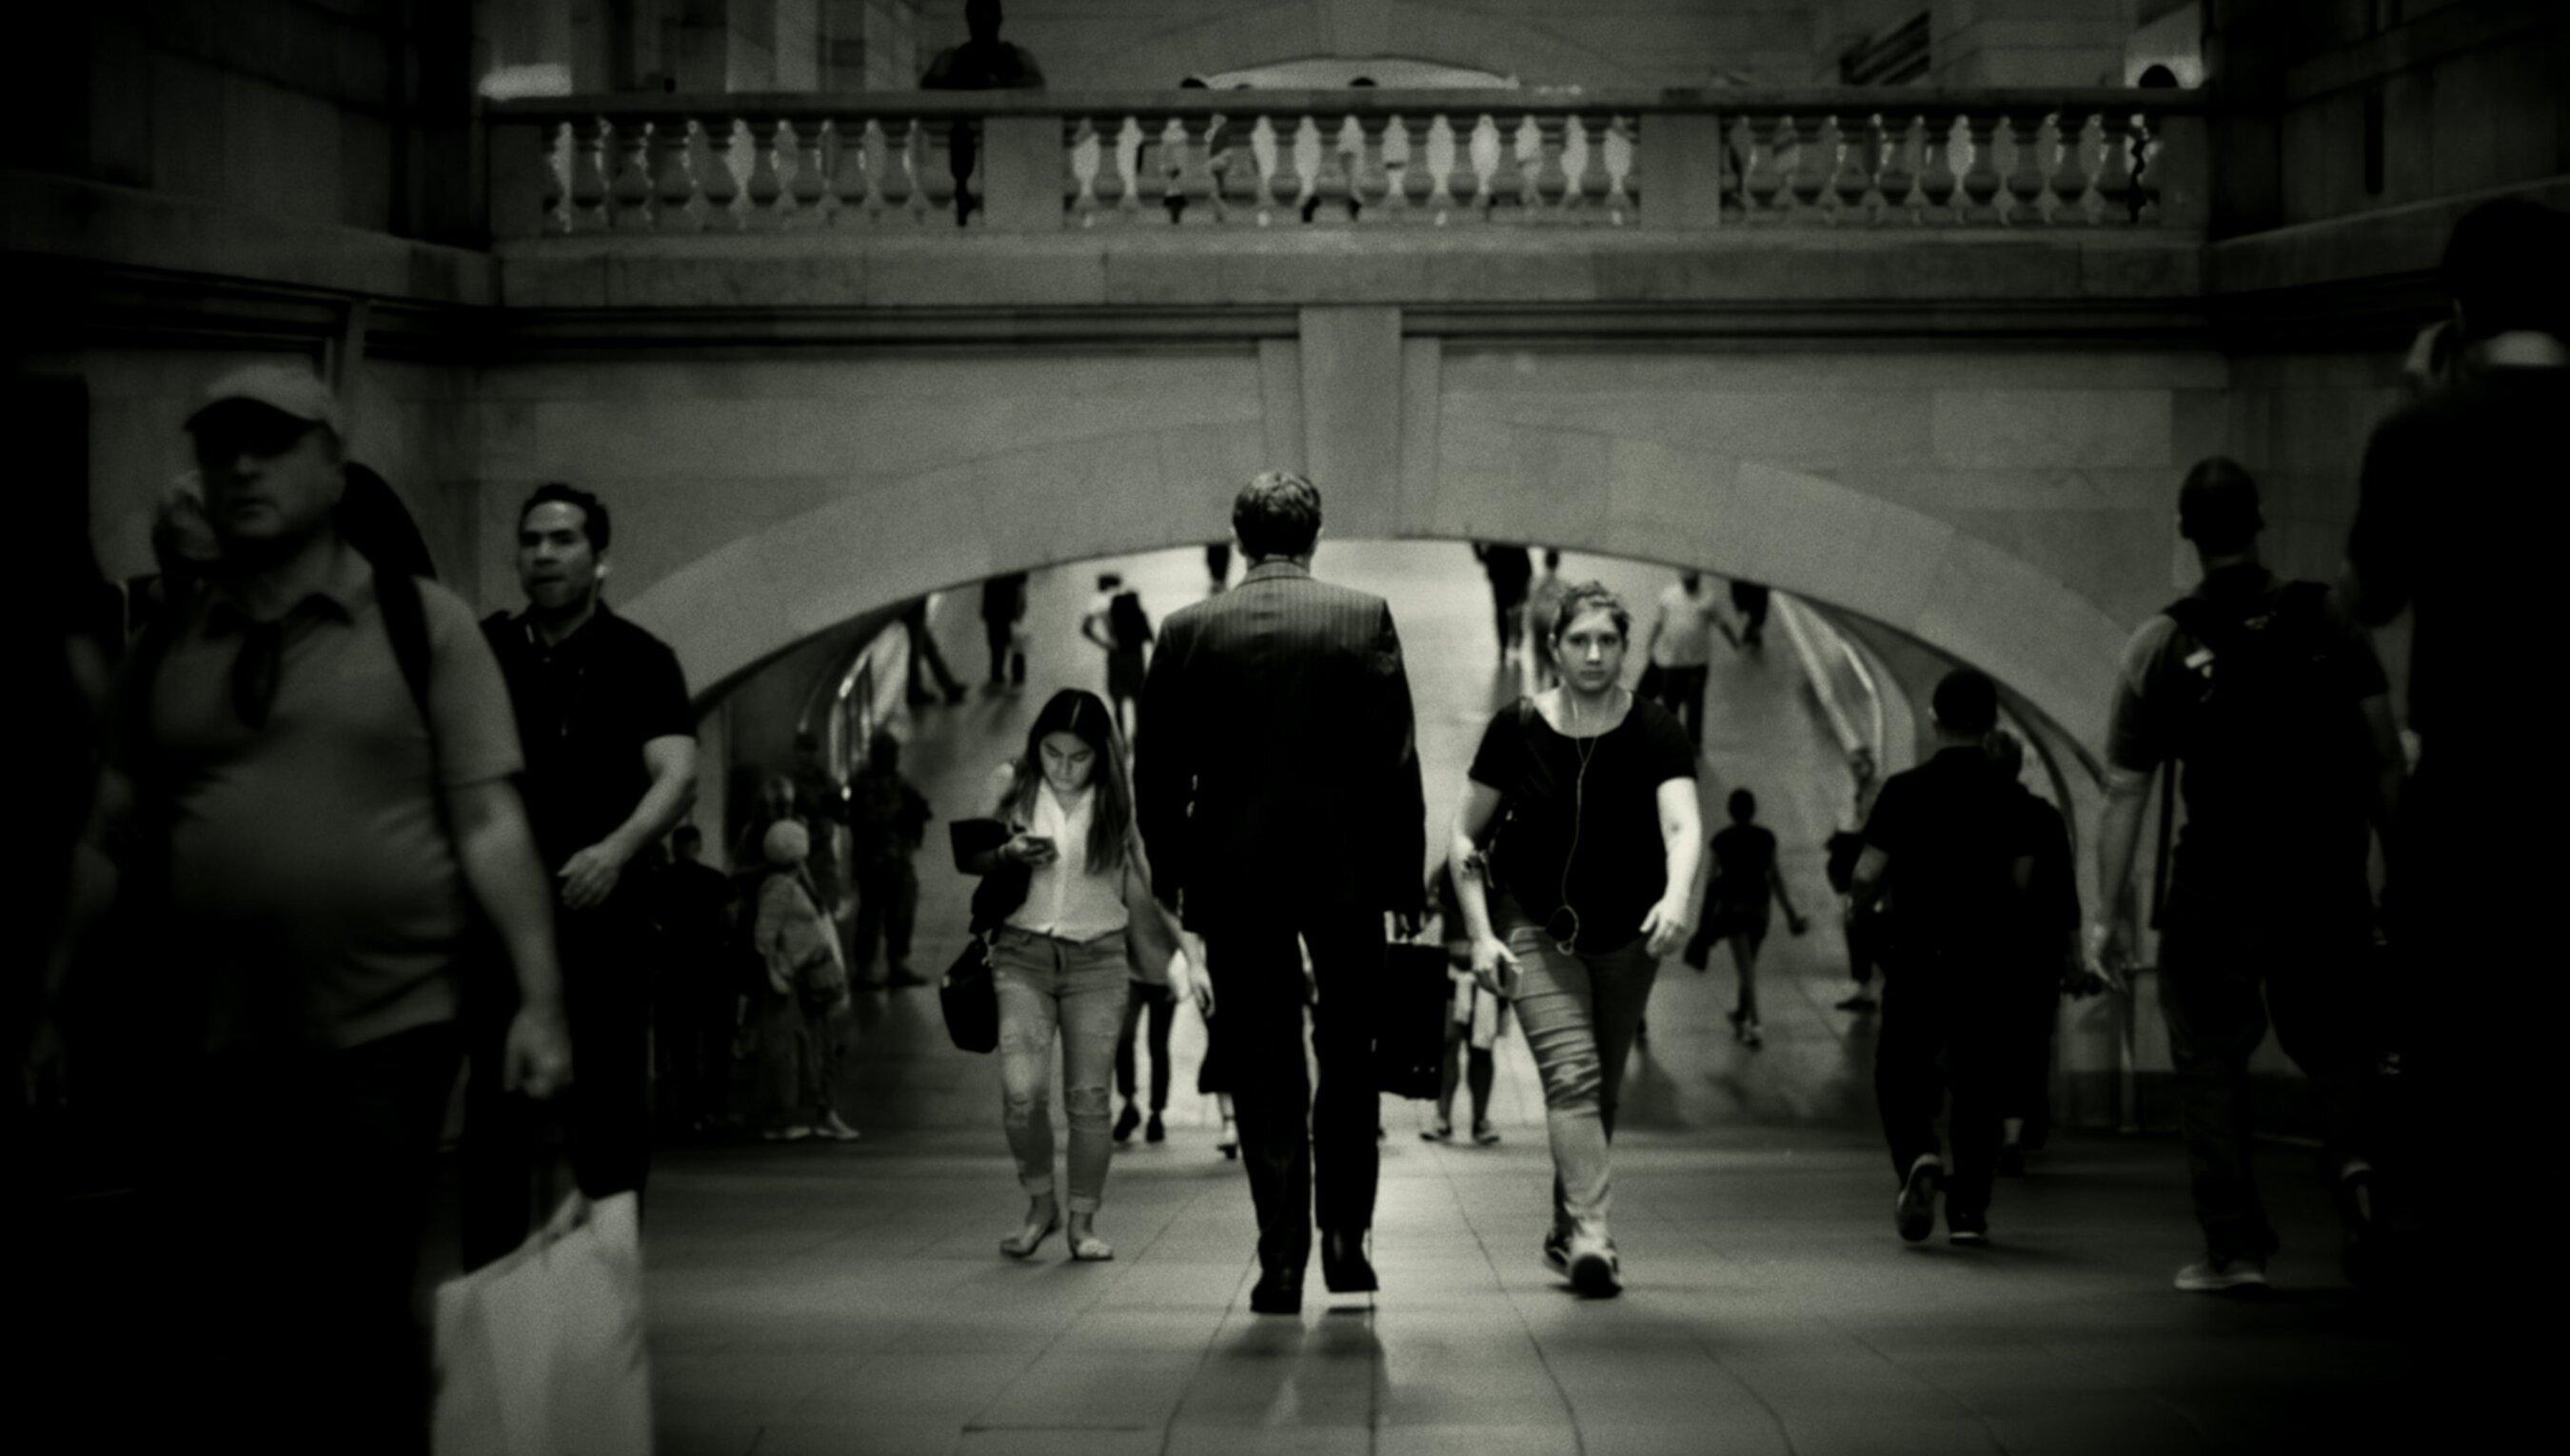 Between strangers | Psyche